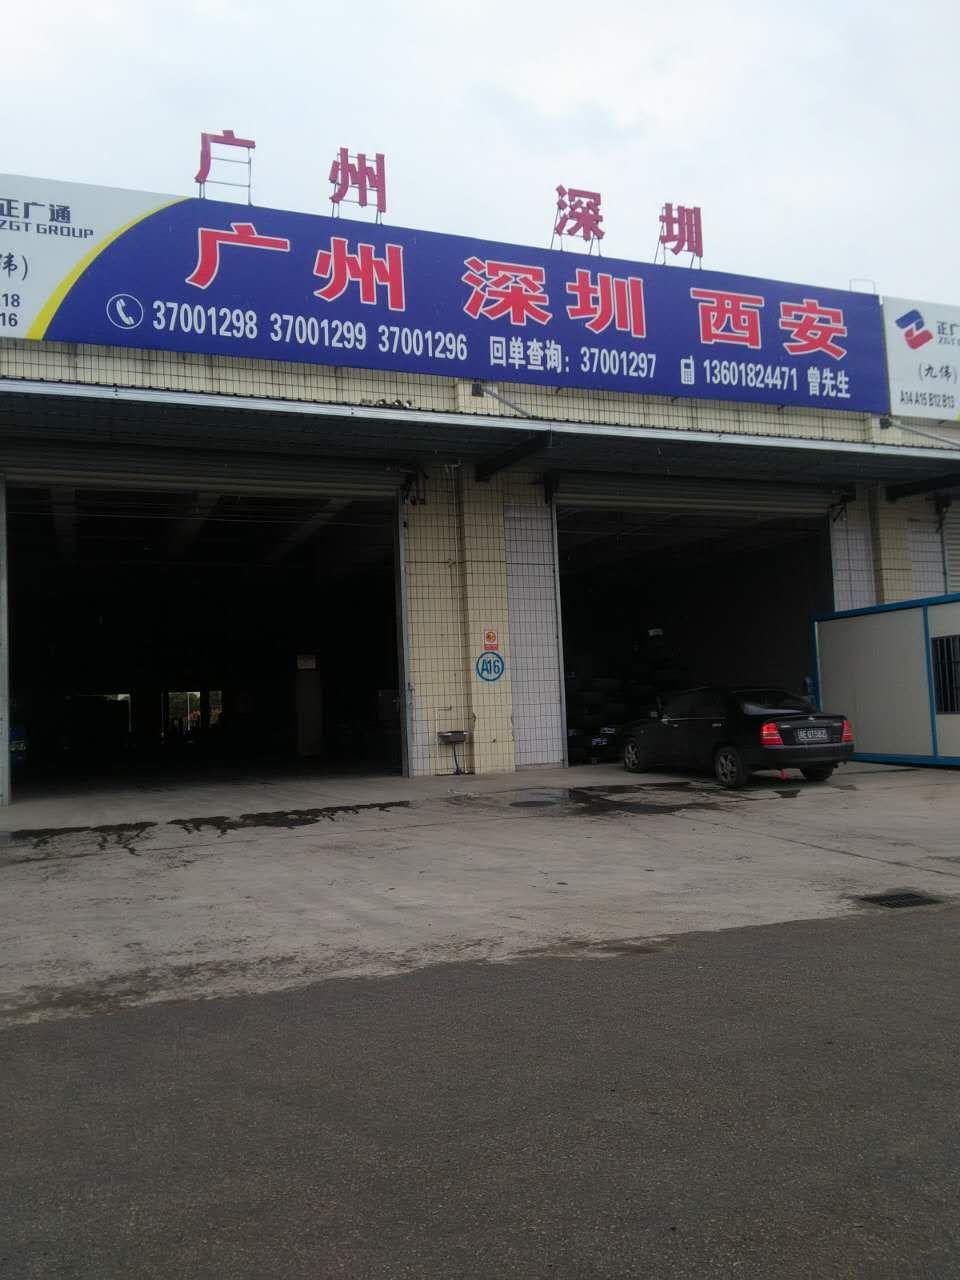 上海到阿坝物流专线(上海正广通供应链管理有限公司)